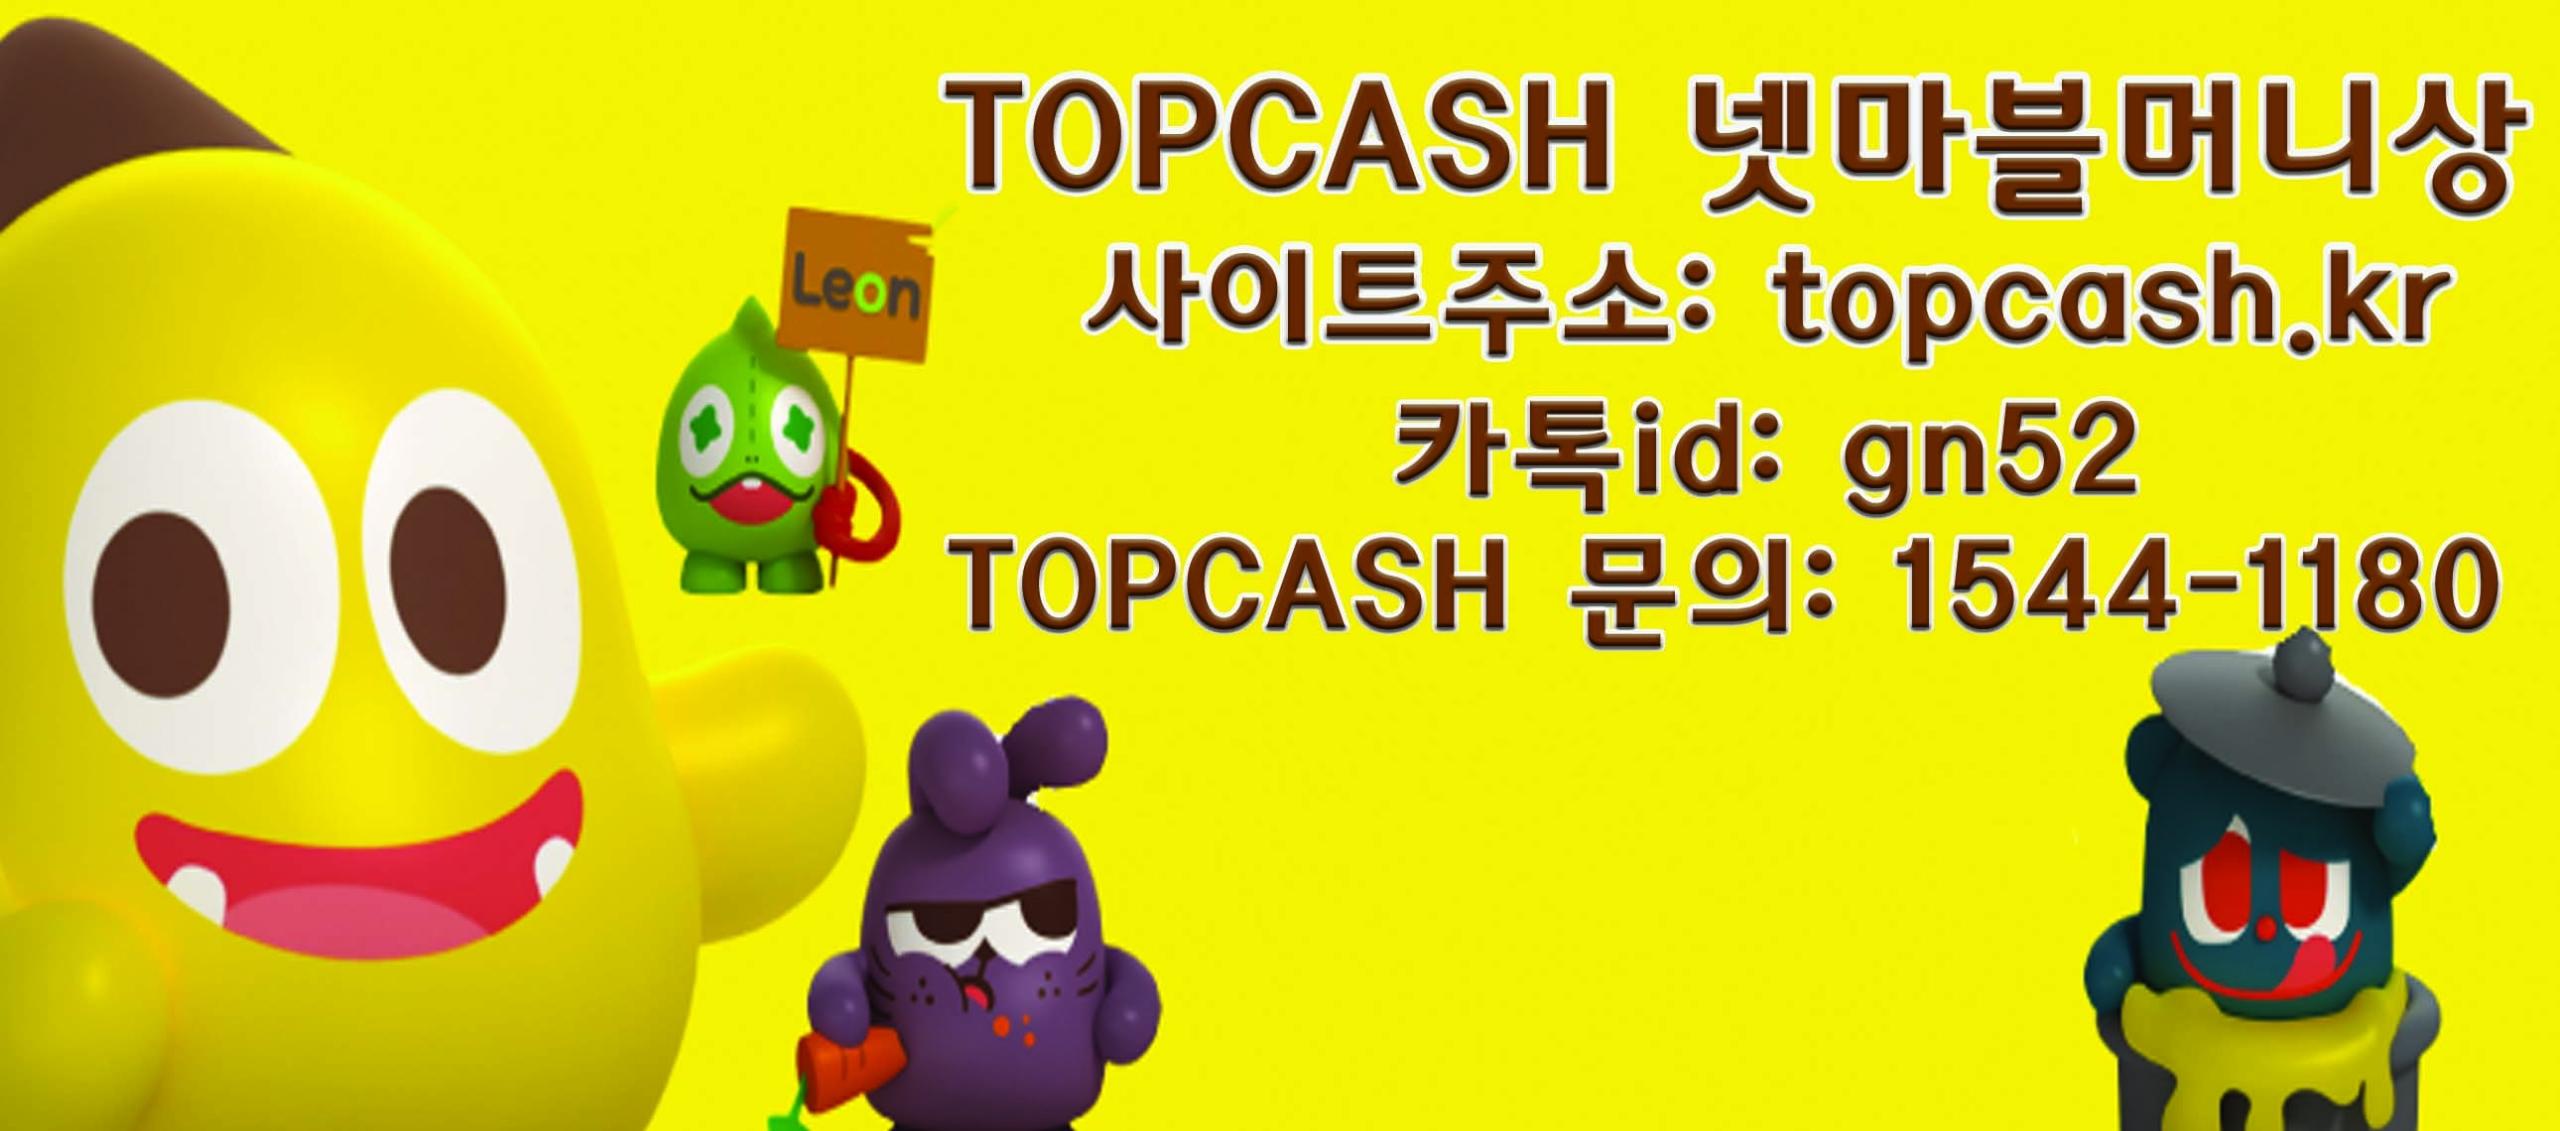 넷마블머니시세 TOPcash점KR (@sptakqmf24) Cover Image